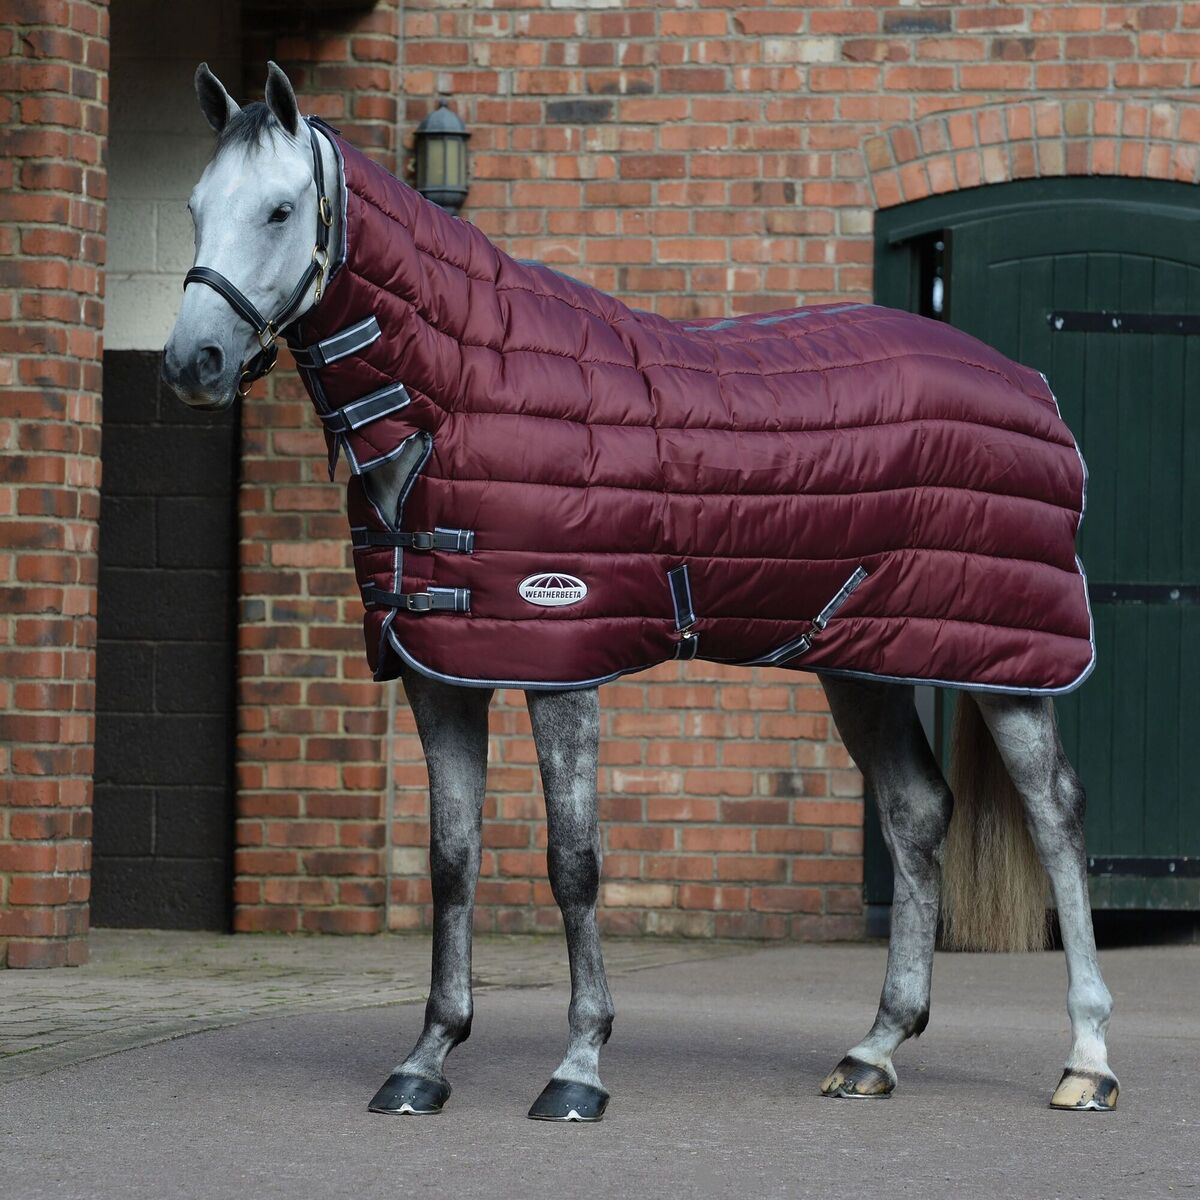 (ウェザビータ) Weatherbeeta 馬用 Comfitec ヘビー 210デニール チャンネルキルト コンボネック ステーブルラグ 馬着 乗馬 ホースライディング 【海外直送】